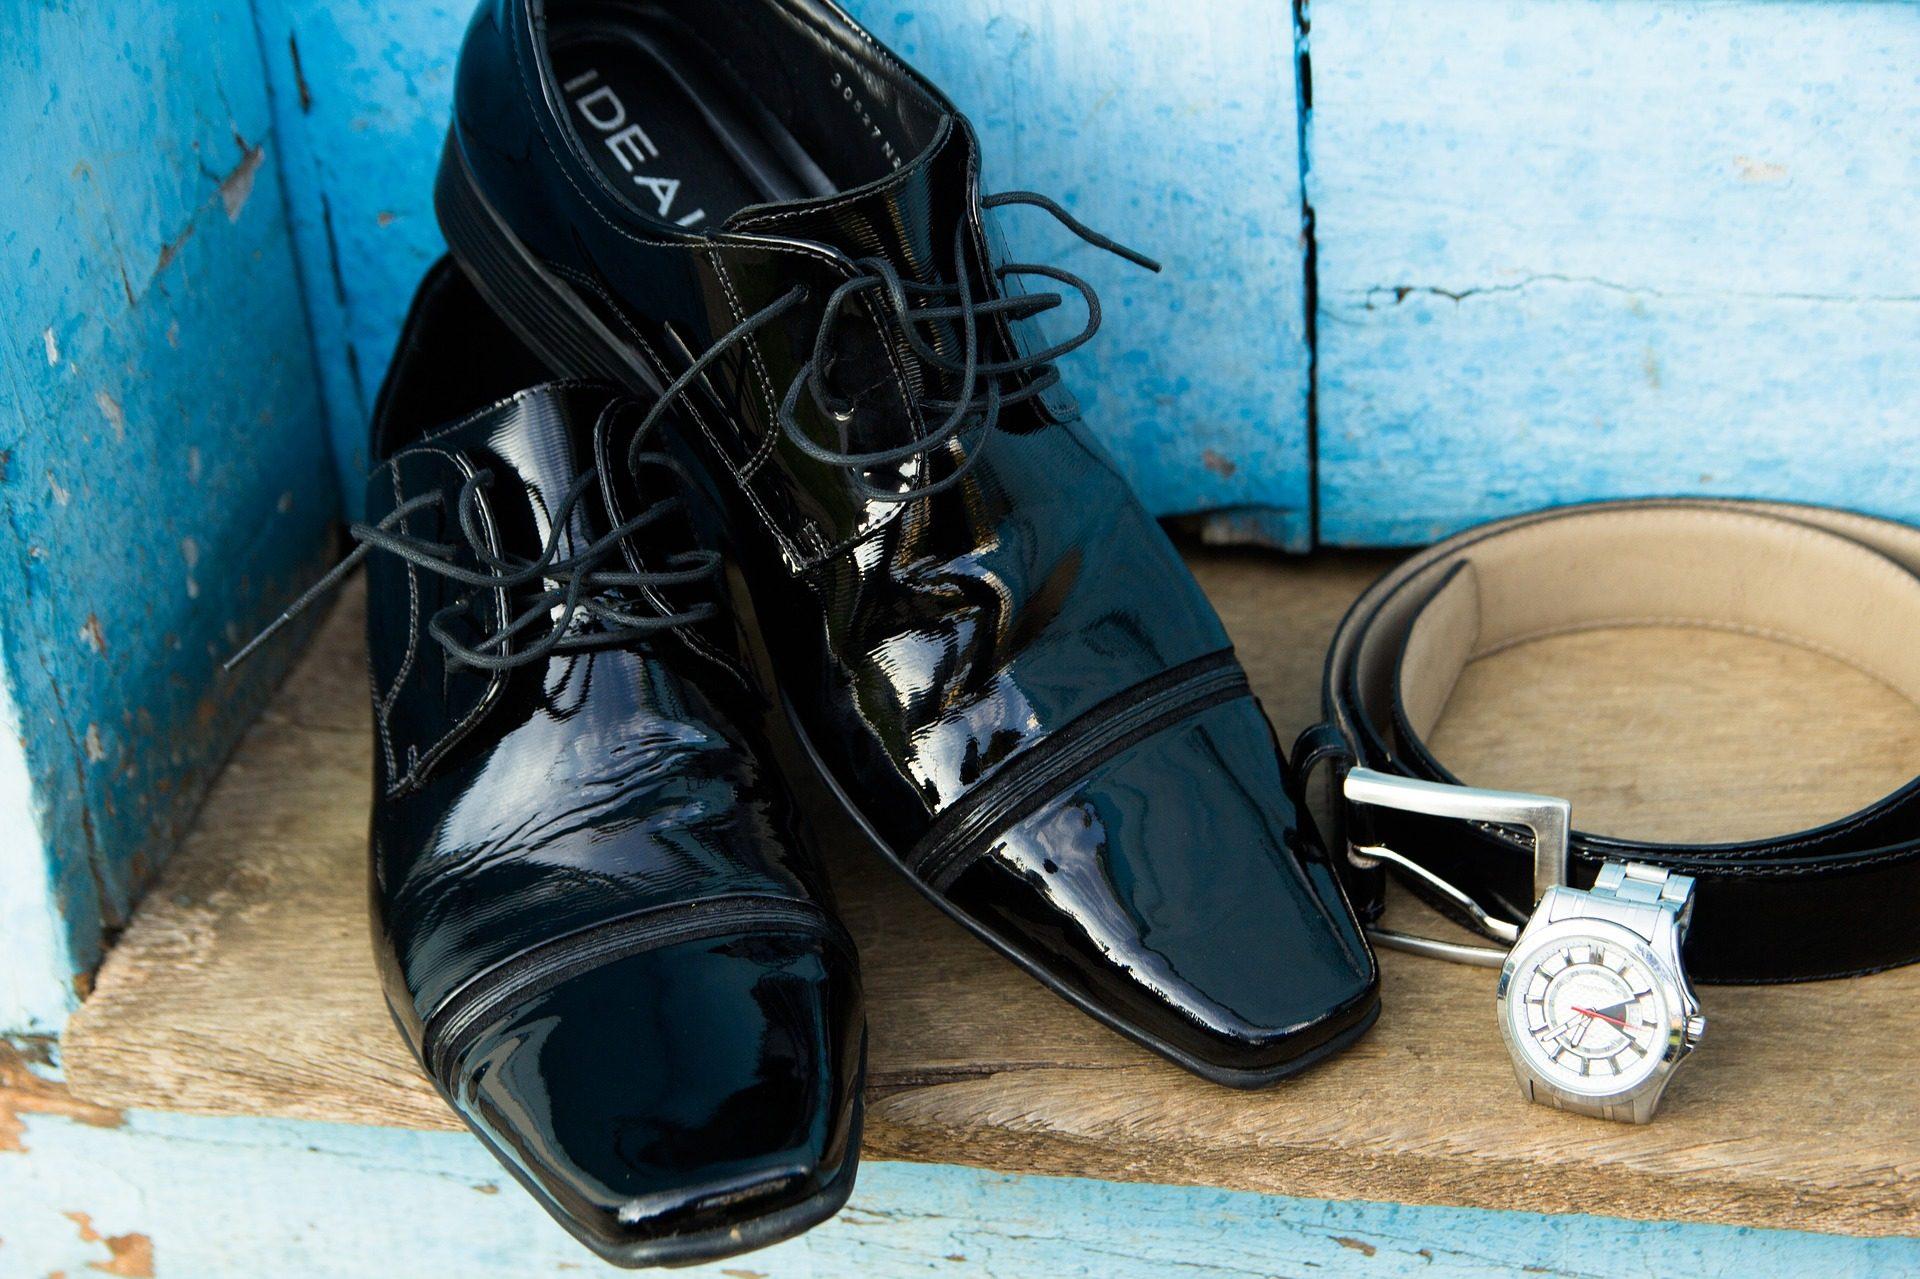 जूते, बेल्ट, देखो, चमक, लेस - HD वॉलपेपर - प्रोफेसर-falken.com